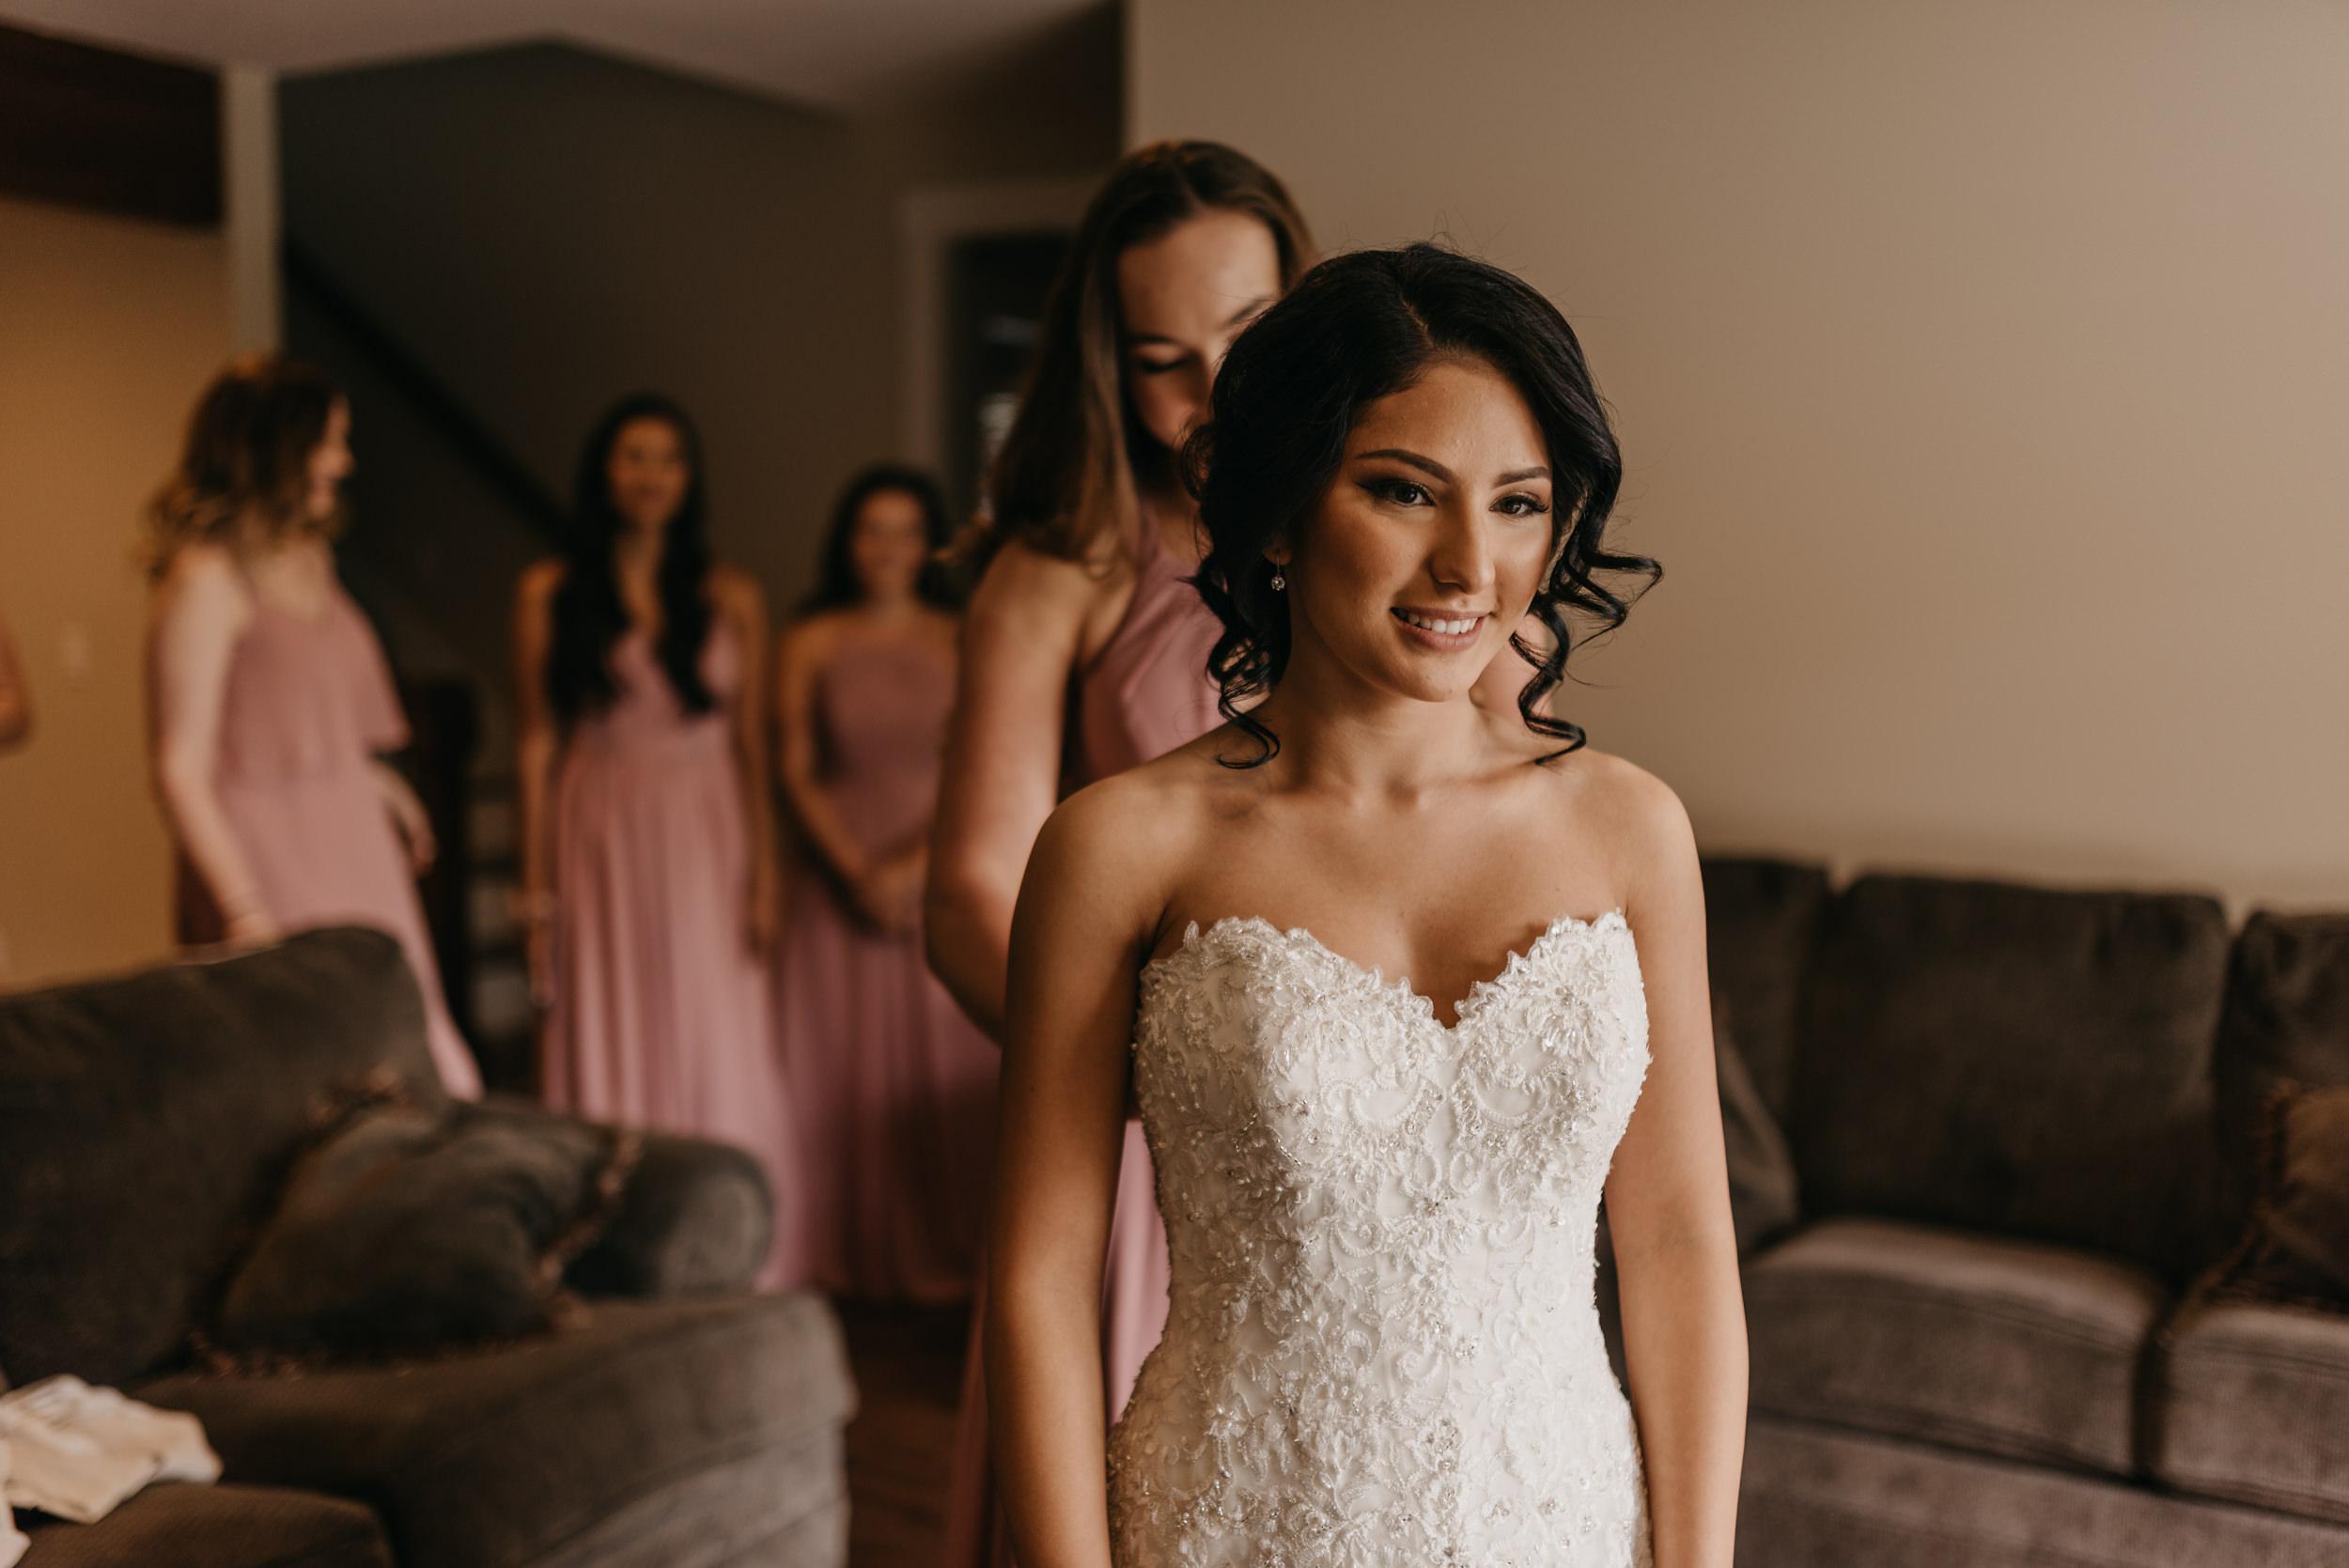 14-bride-getting-ready-groom-bridesmaids-7015.jpg